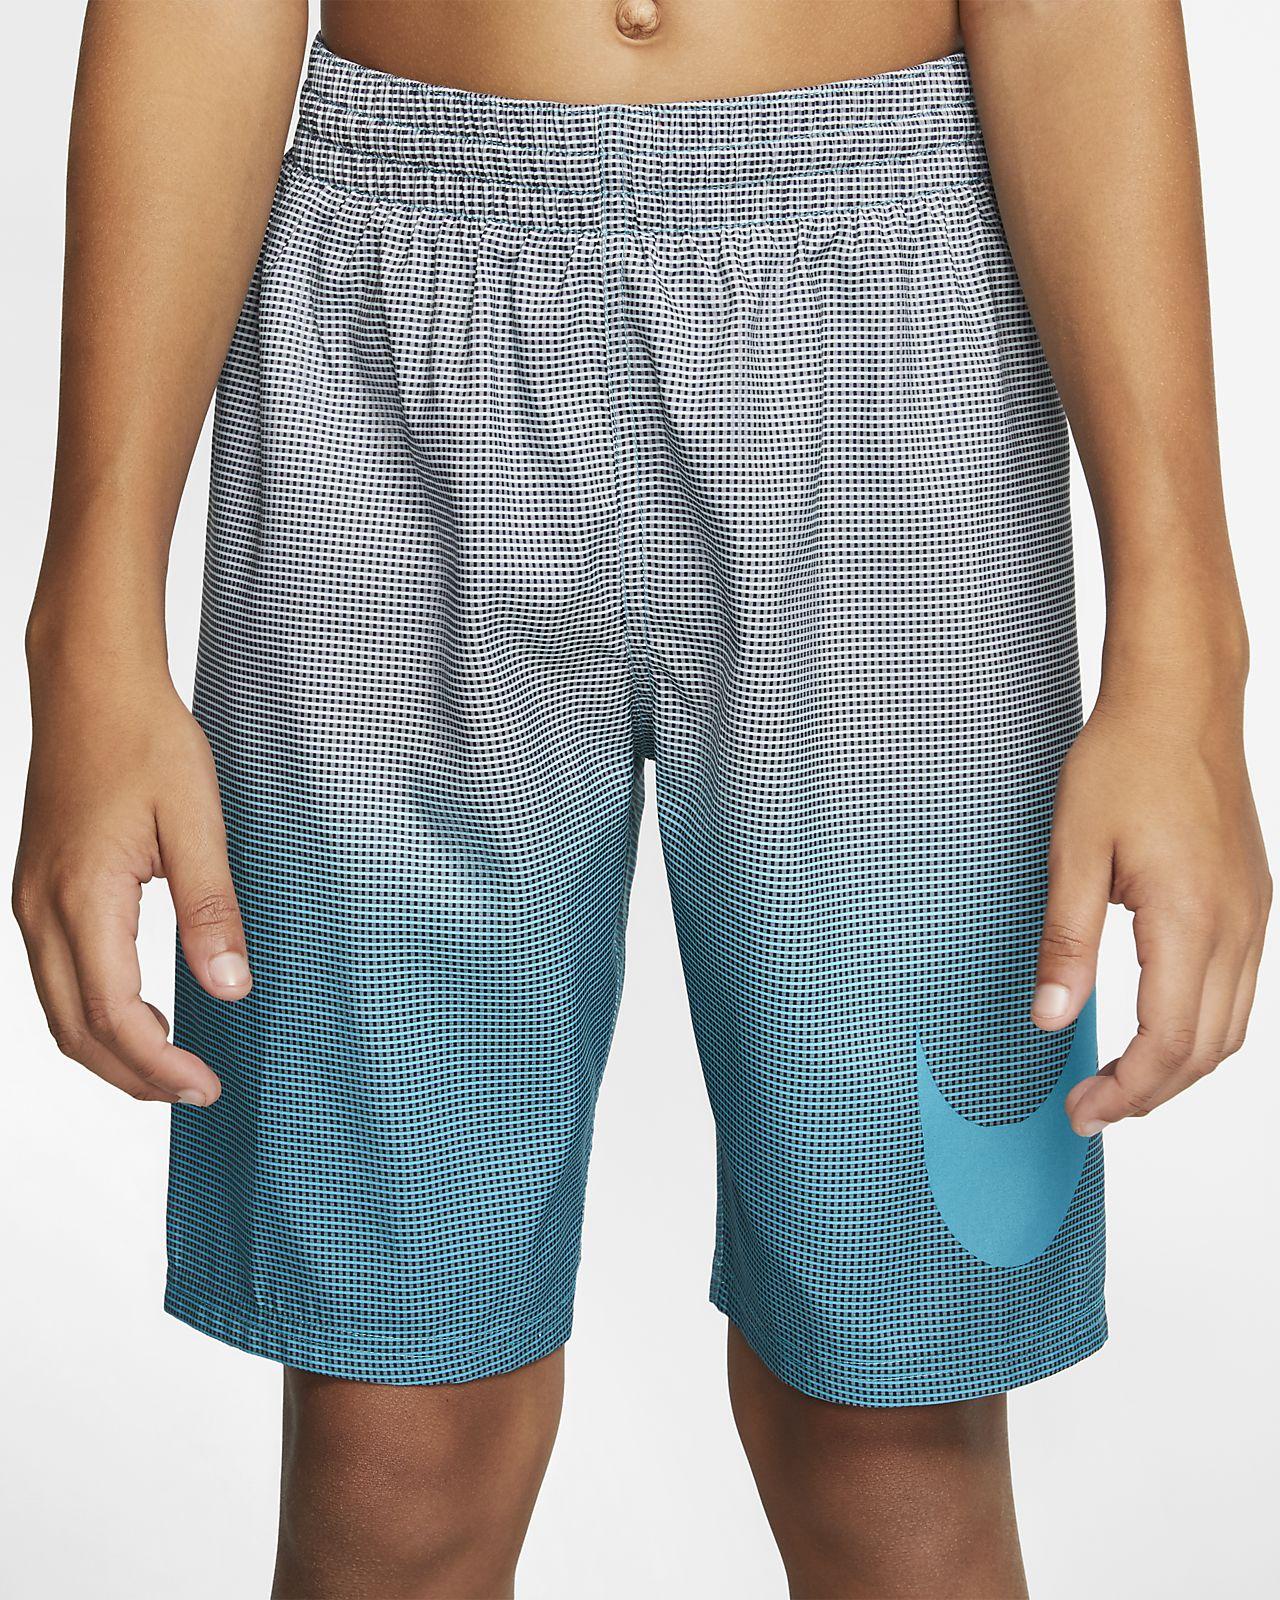 Large NIKE Boys Volley 4 Symbol Swim Shorts Turquoise